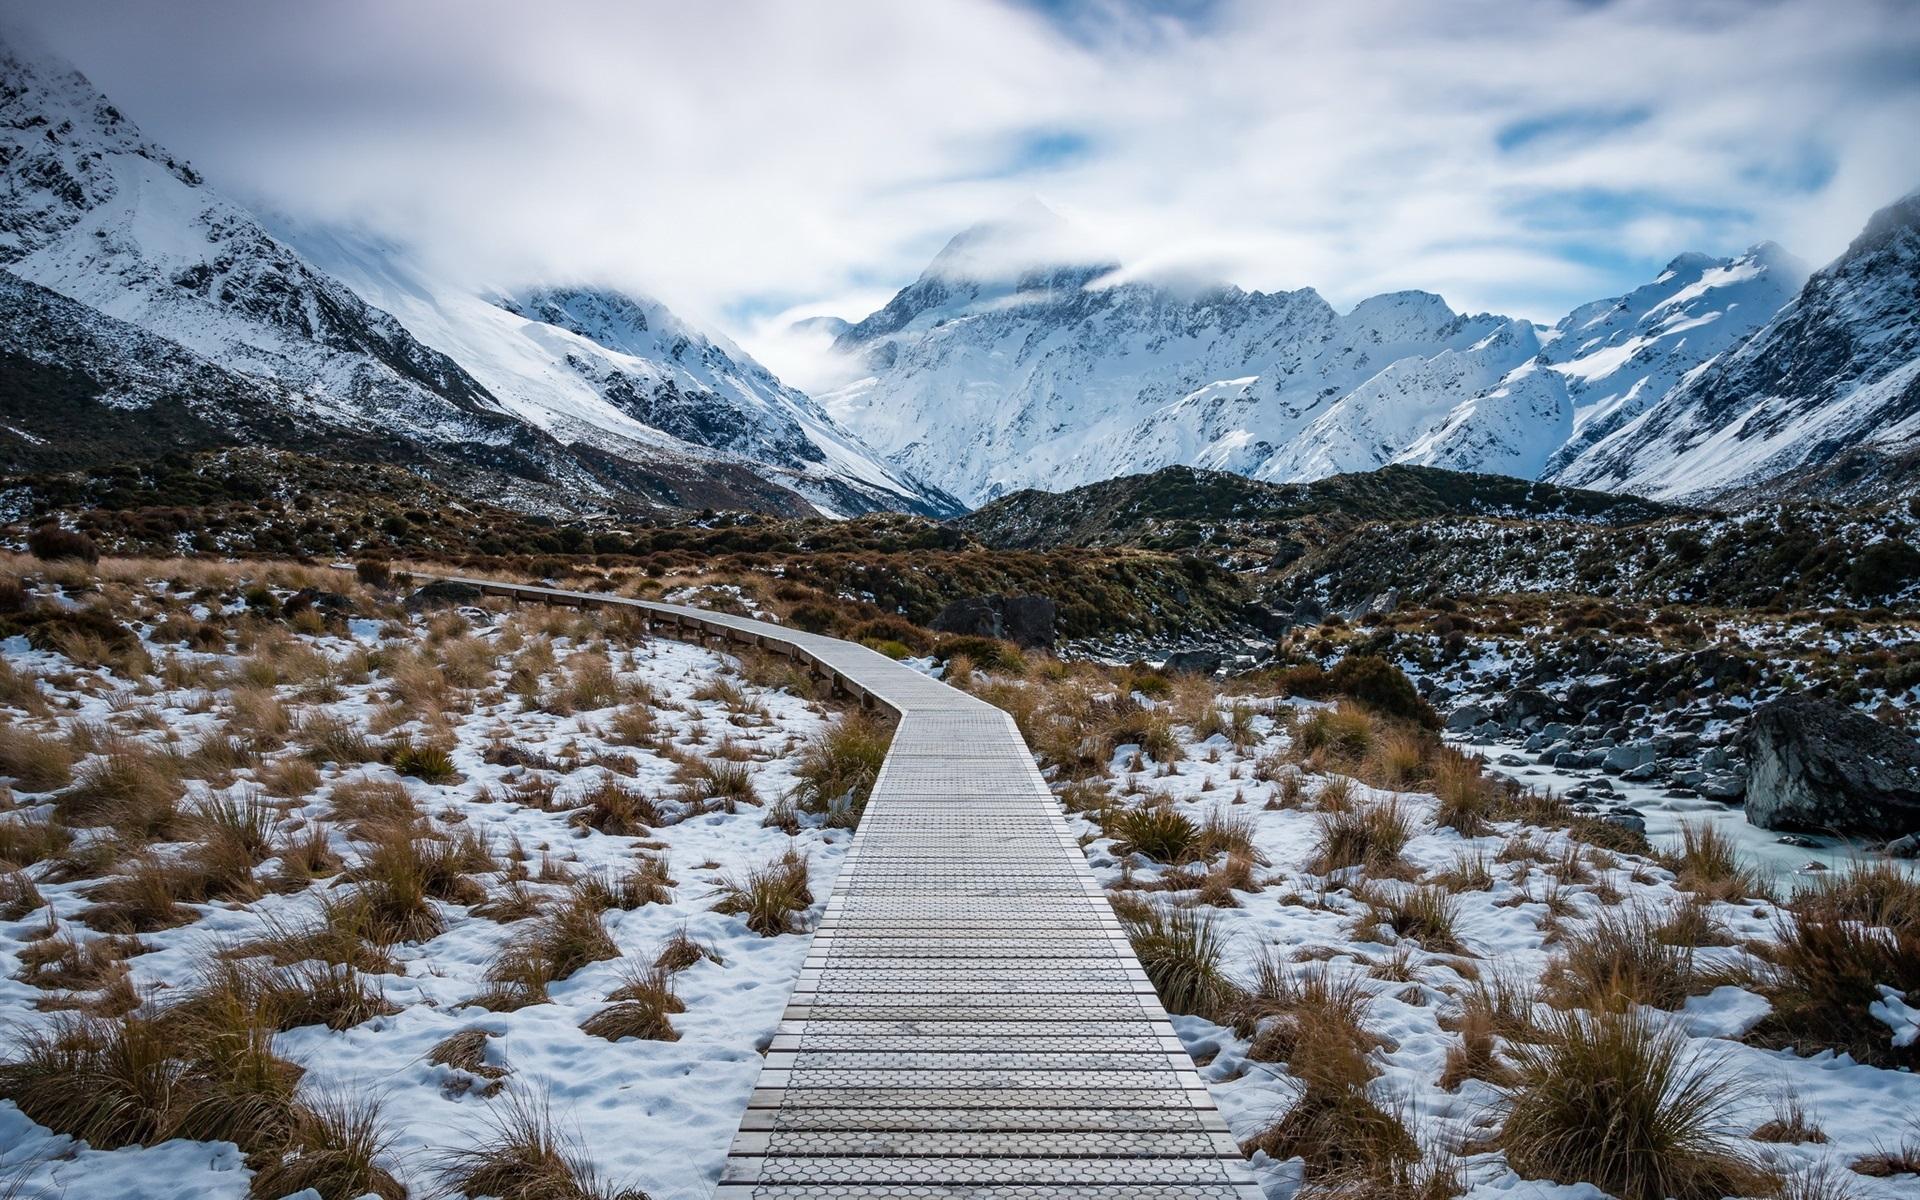 壁紙 アオラキマウントクック国立公園、ニュージーランド、山、雪、パス 1920x1200 HD 無料のデスクトップの